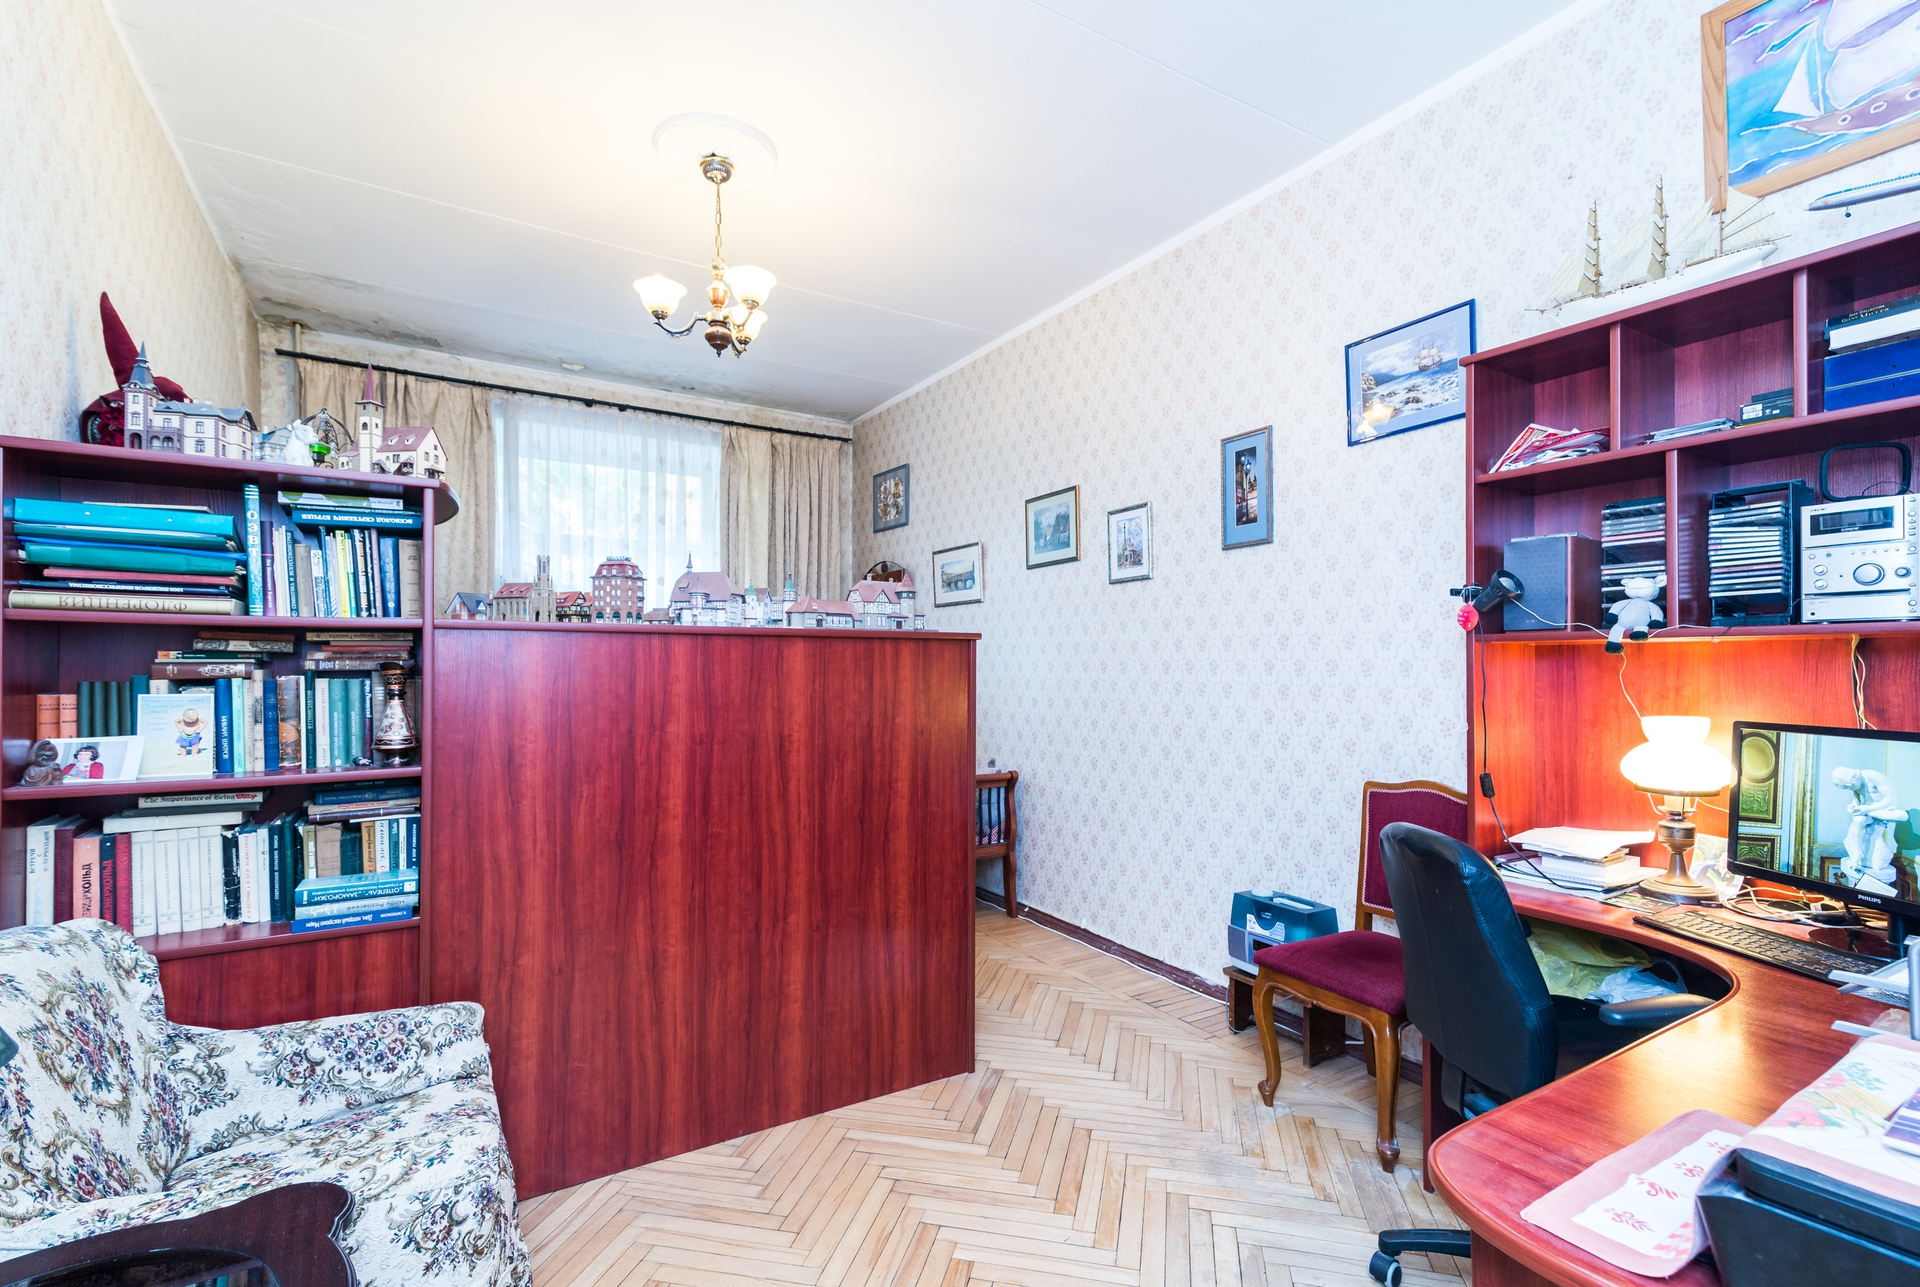 Самая выгодная цена за квадратный метр в сталинке в Академическом районе 6